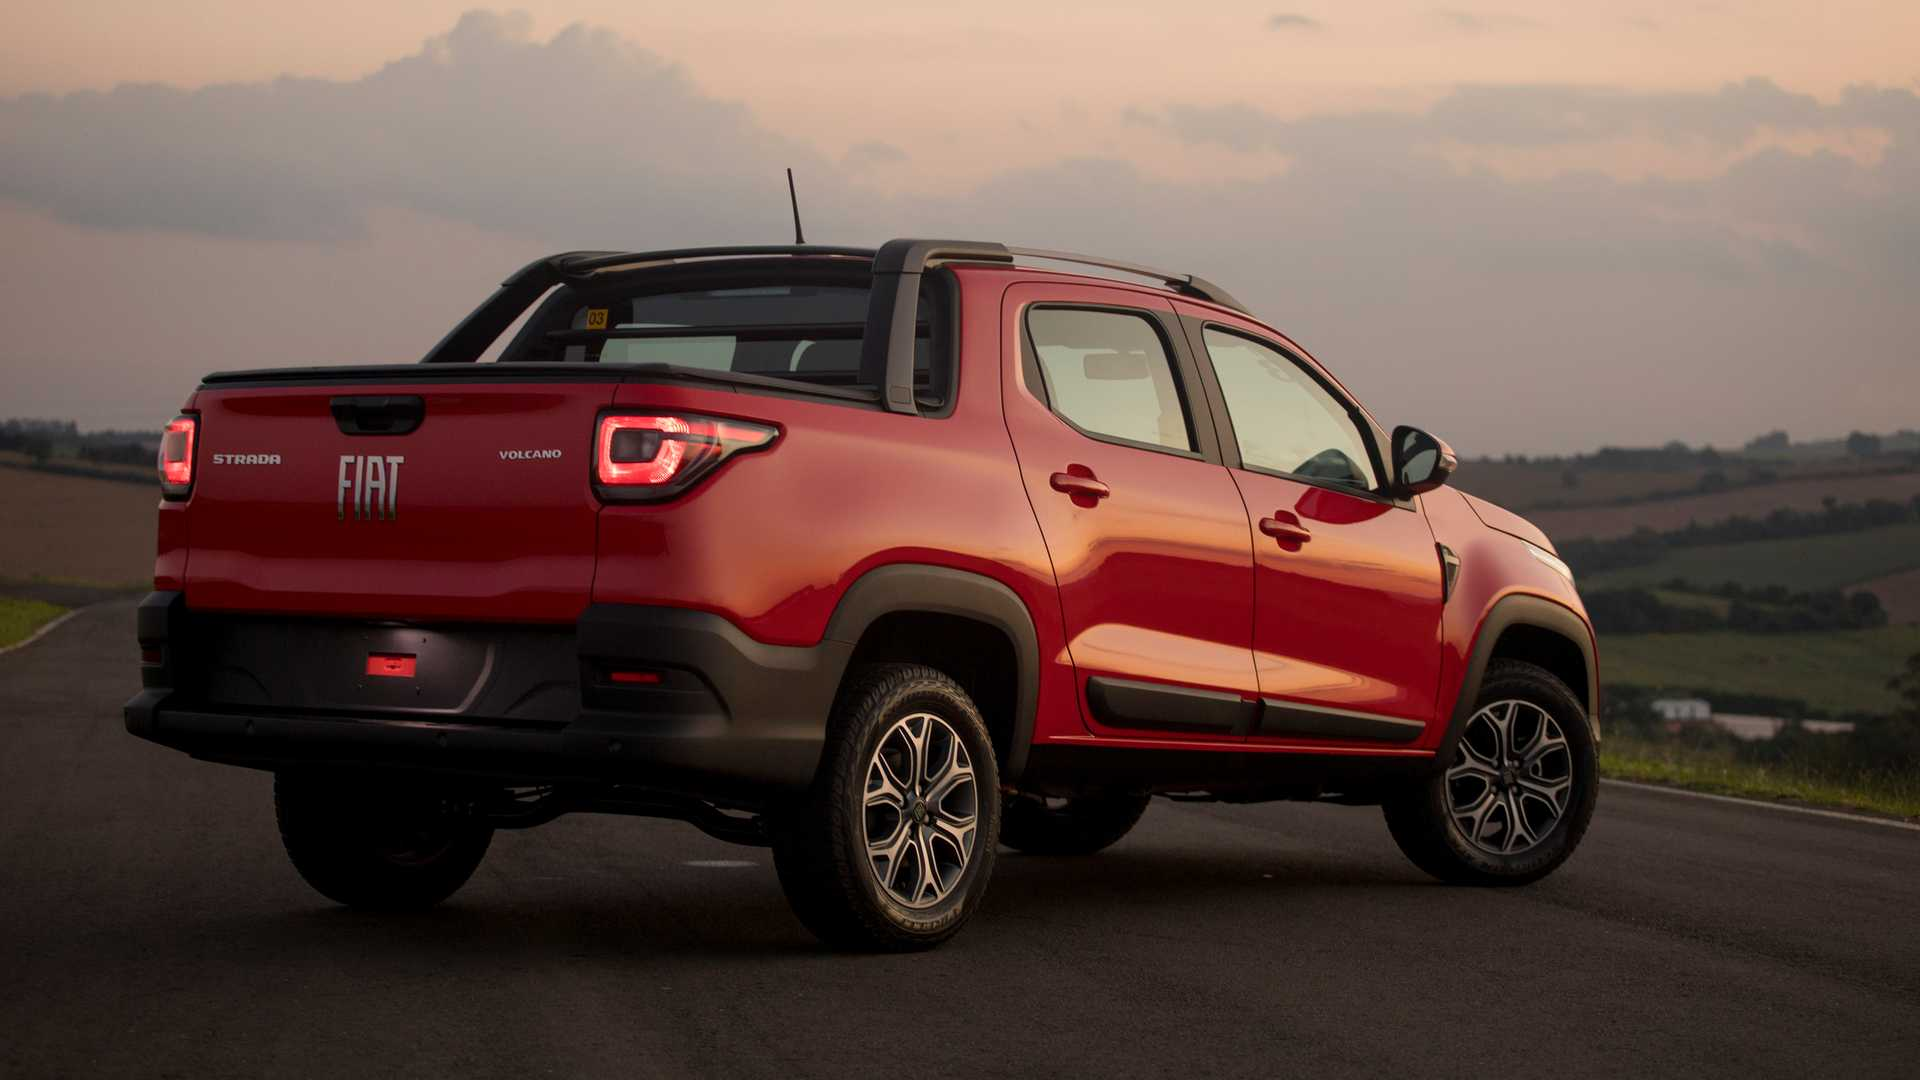 Fiat Strada Volcano 1.3 CD 2021 a picape compacta que custa mais de R$ 85.000,00